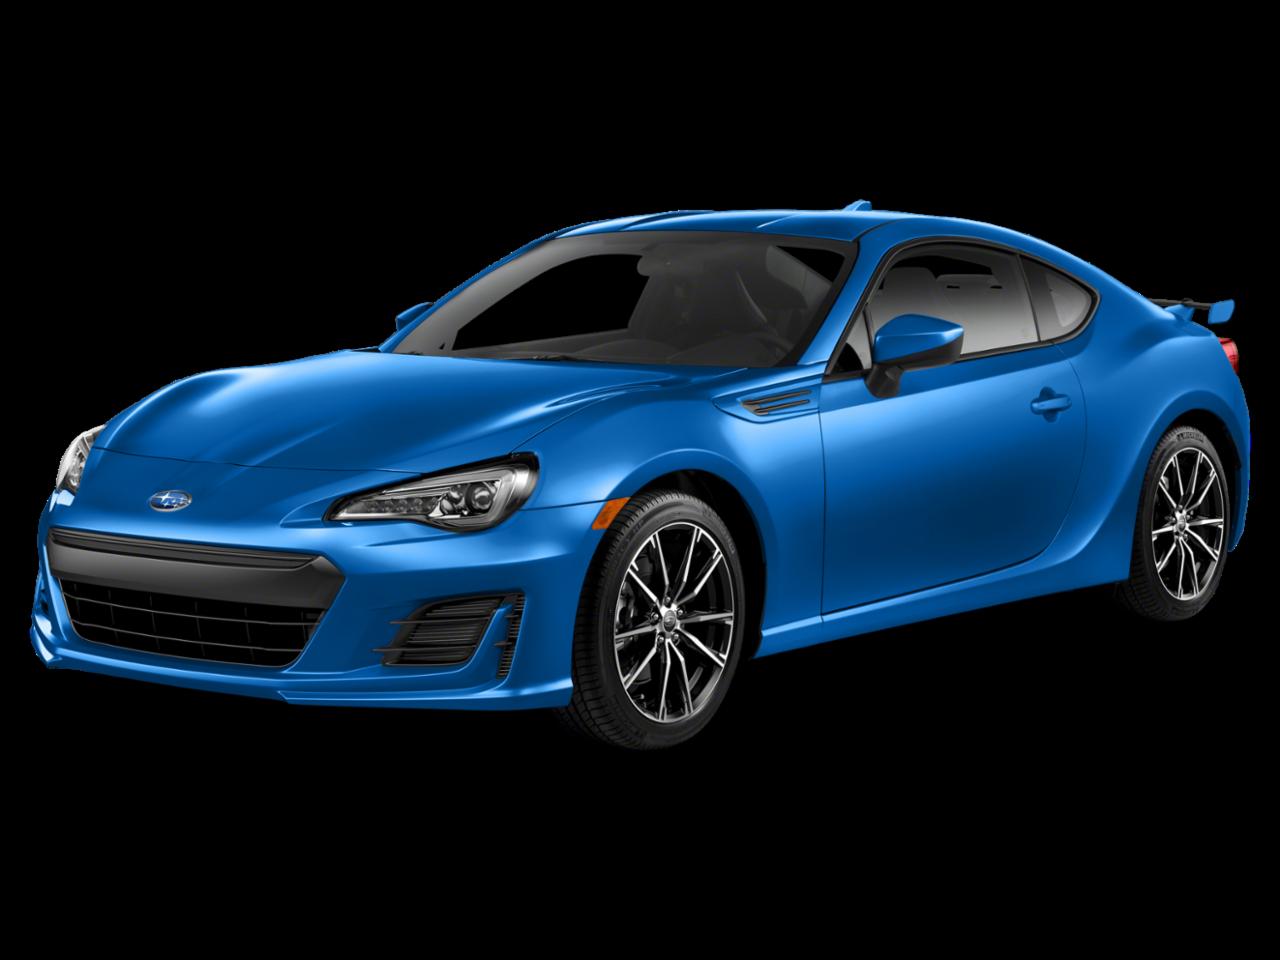 2020 Subaru BRZ Limited 2dr Car